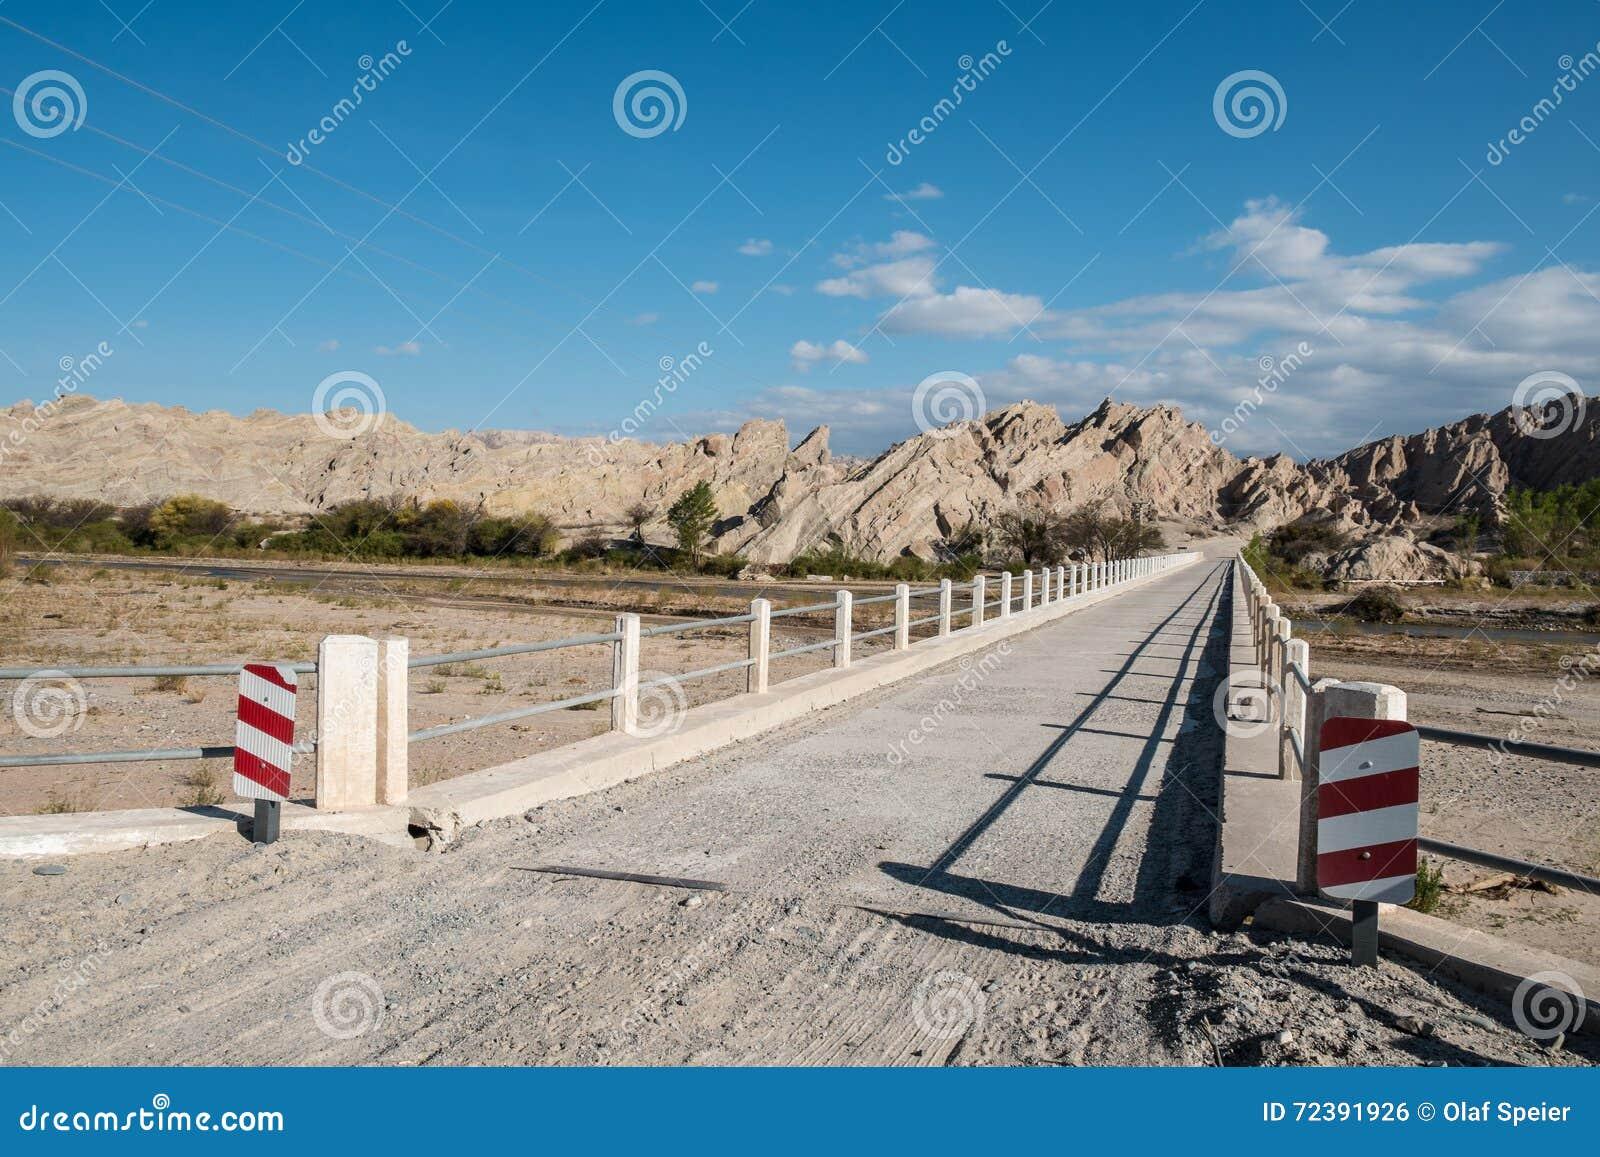 Andean dirt road